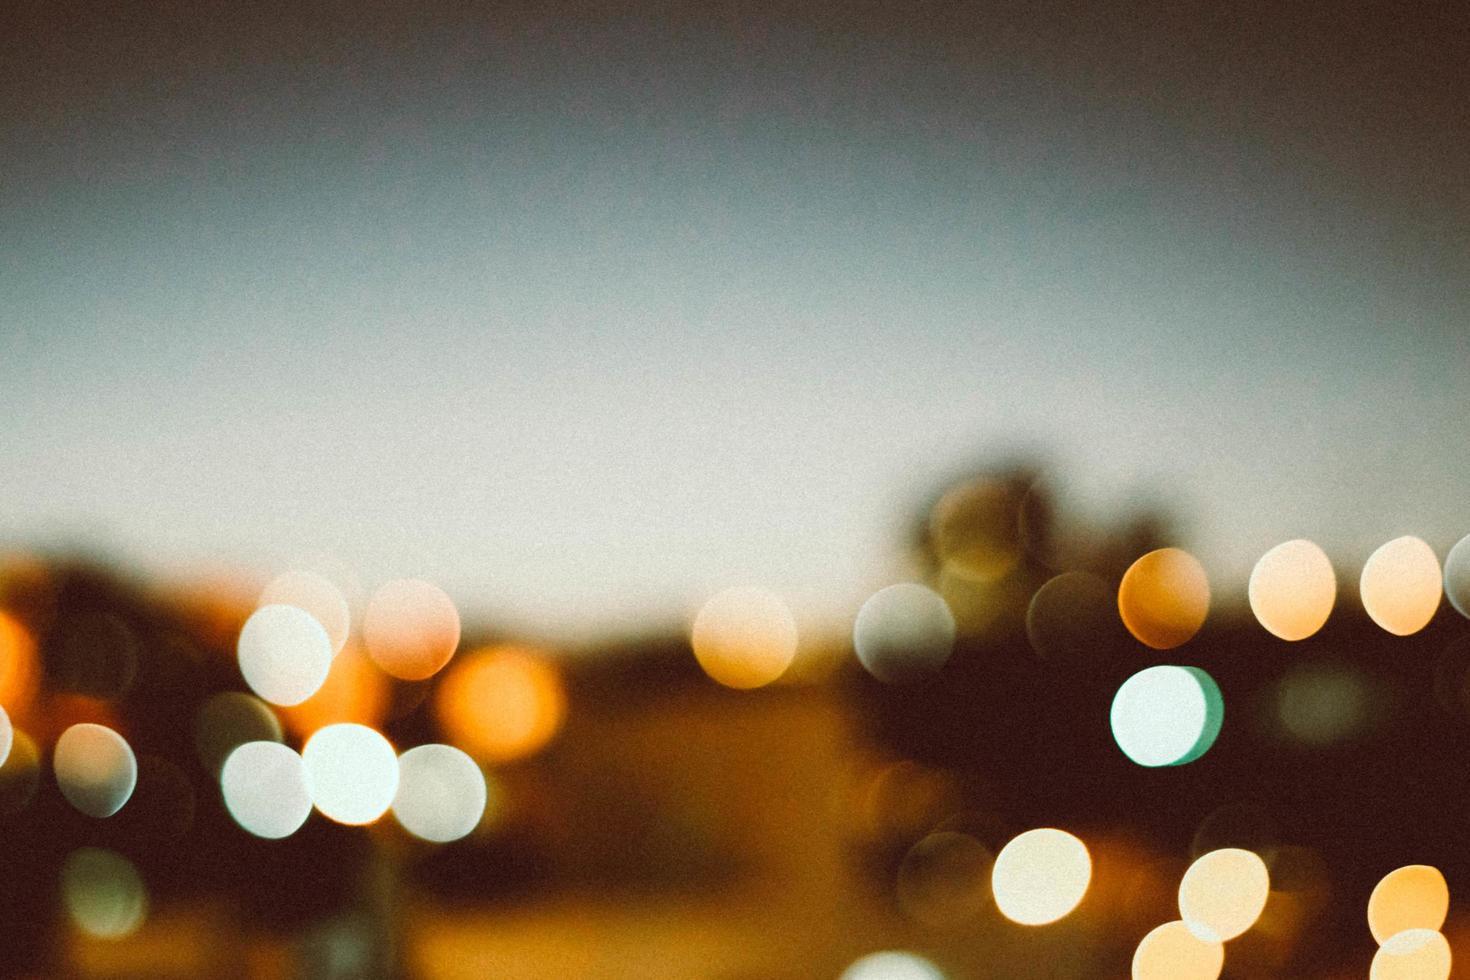 lumières de la ville de bokeh photo